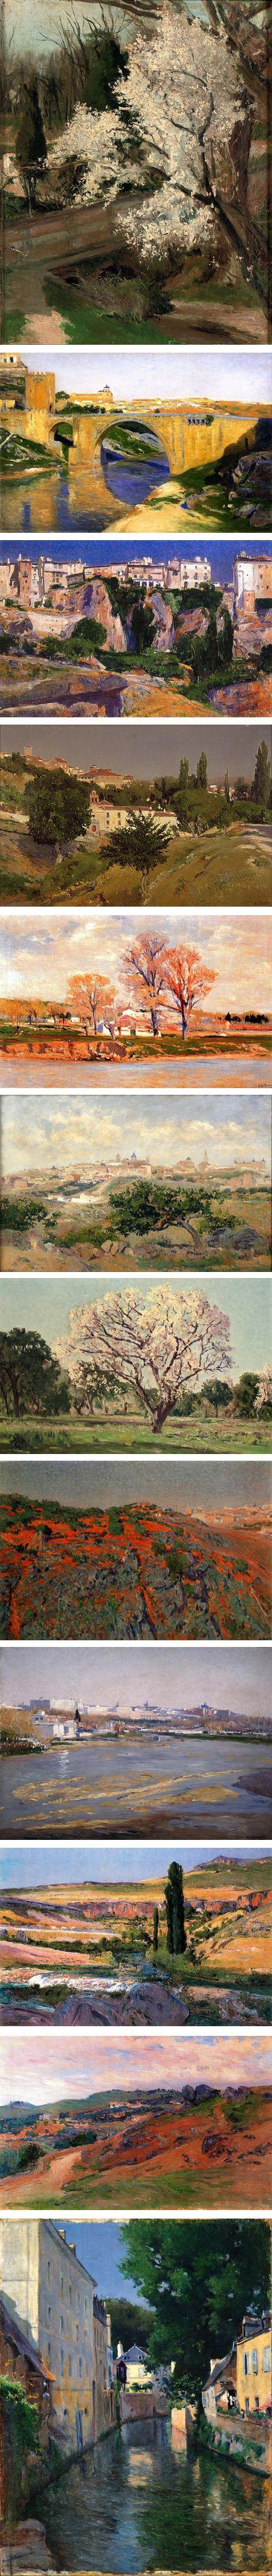 Aureliano de Beruete y Moret